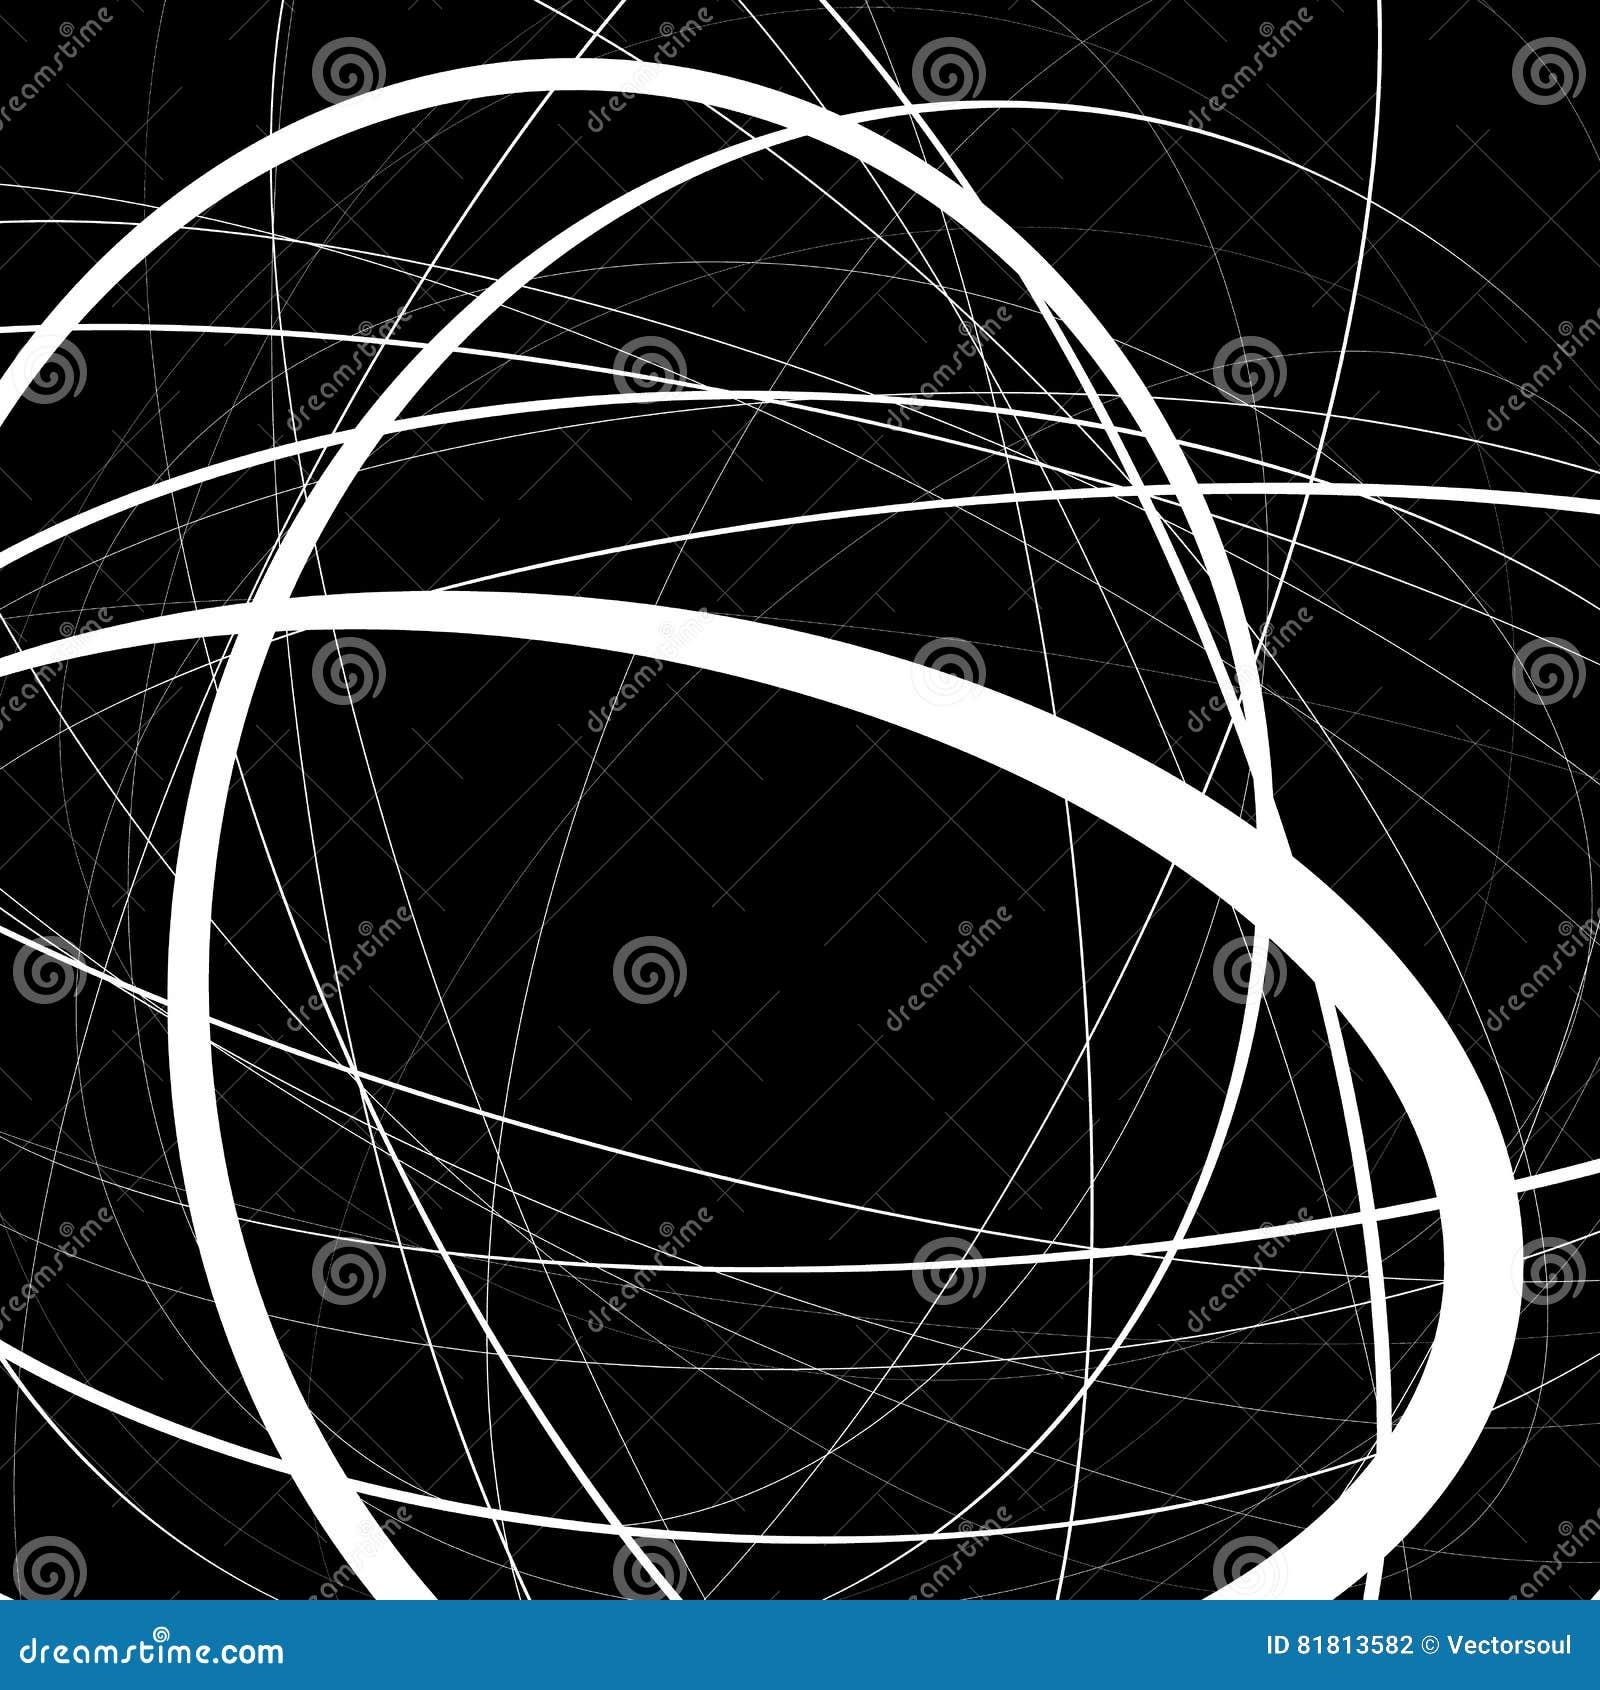 Художническая иллюстрация с напряжённое случайным, линии сложной формы Ge